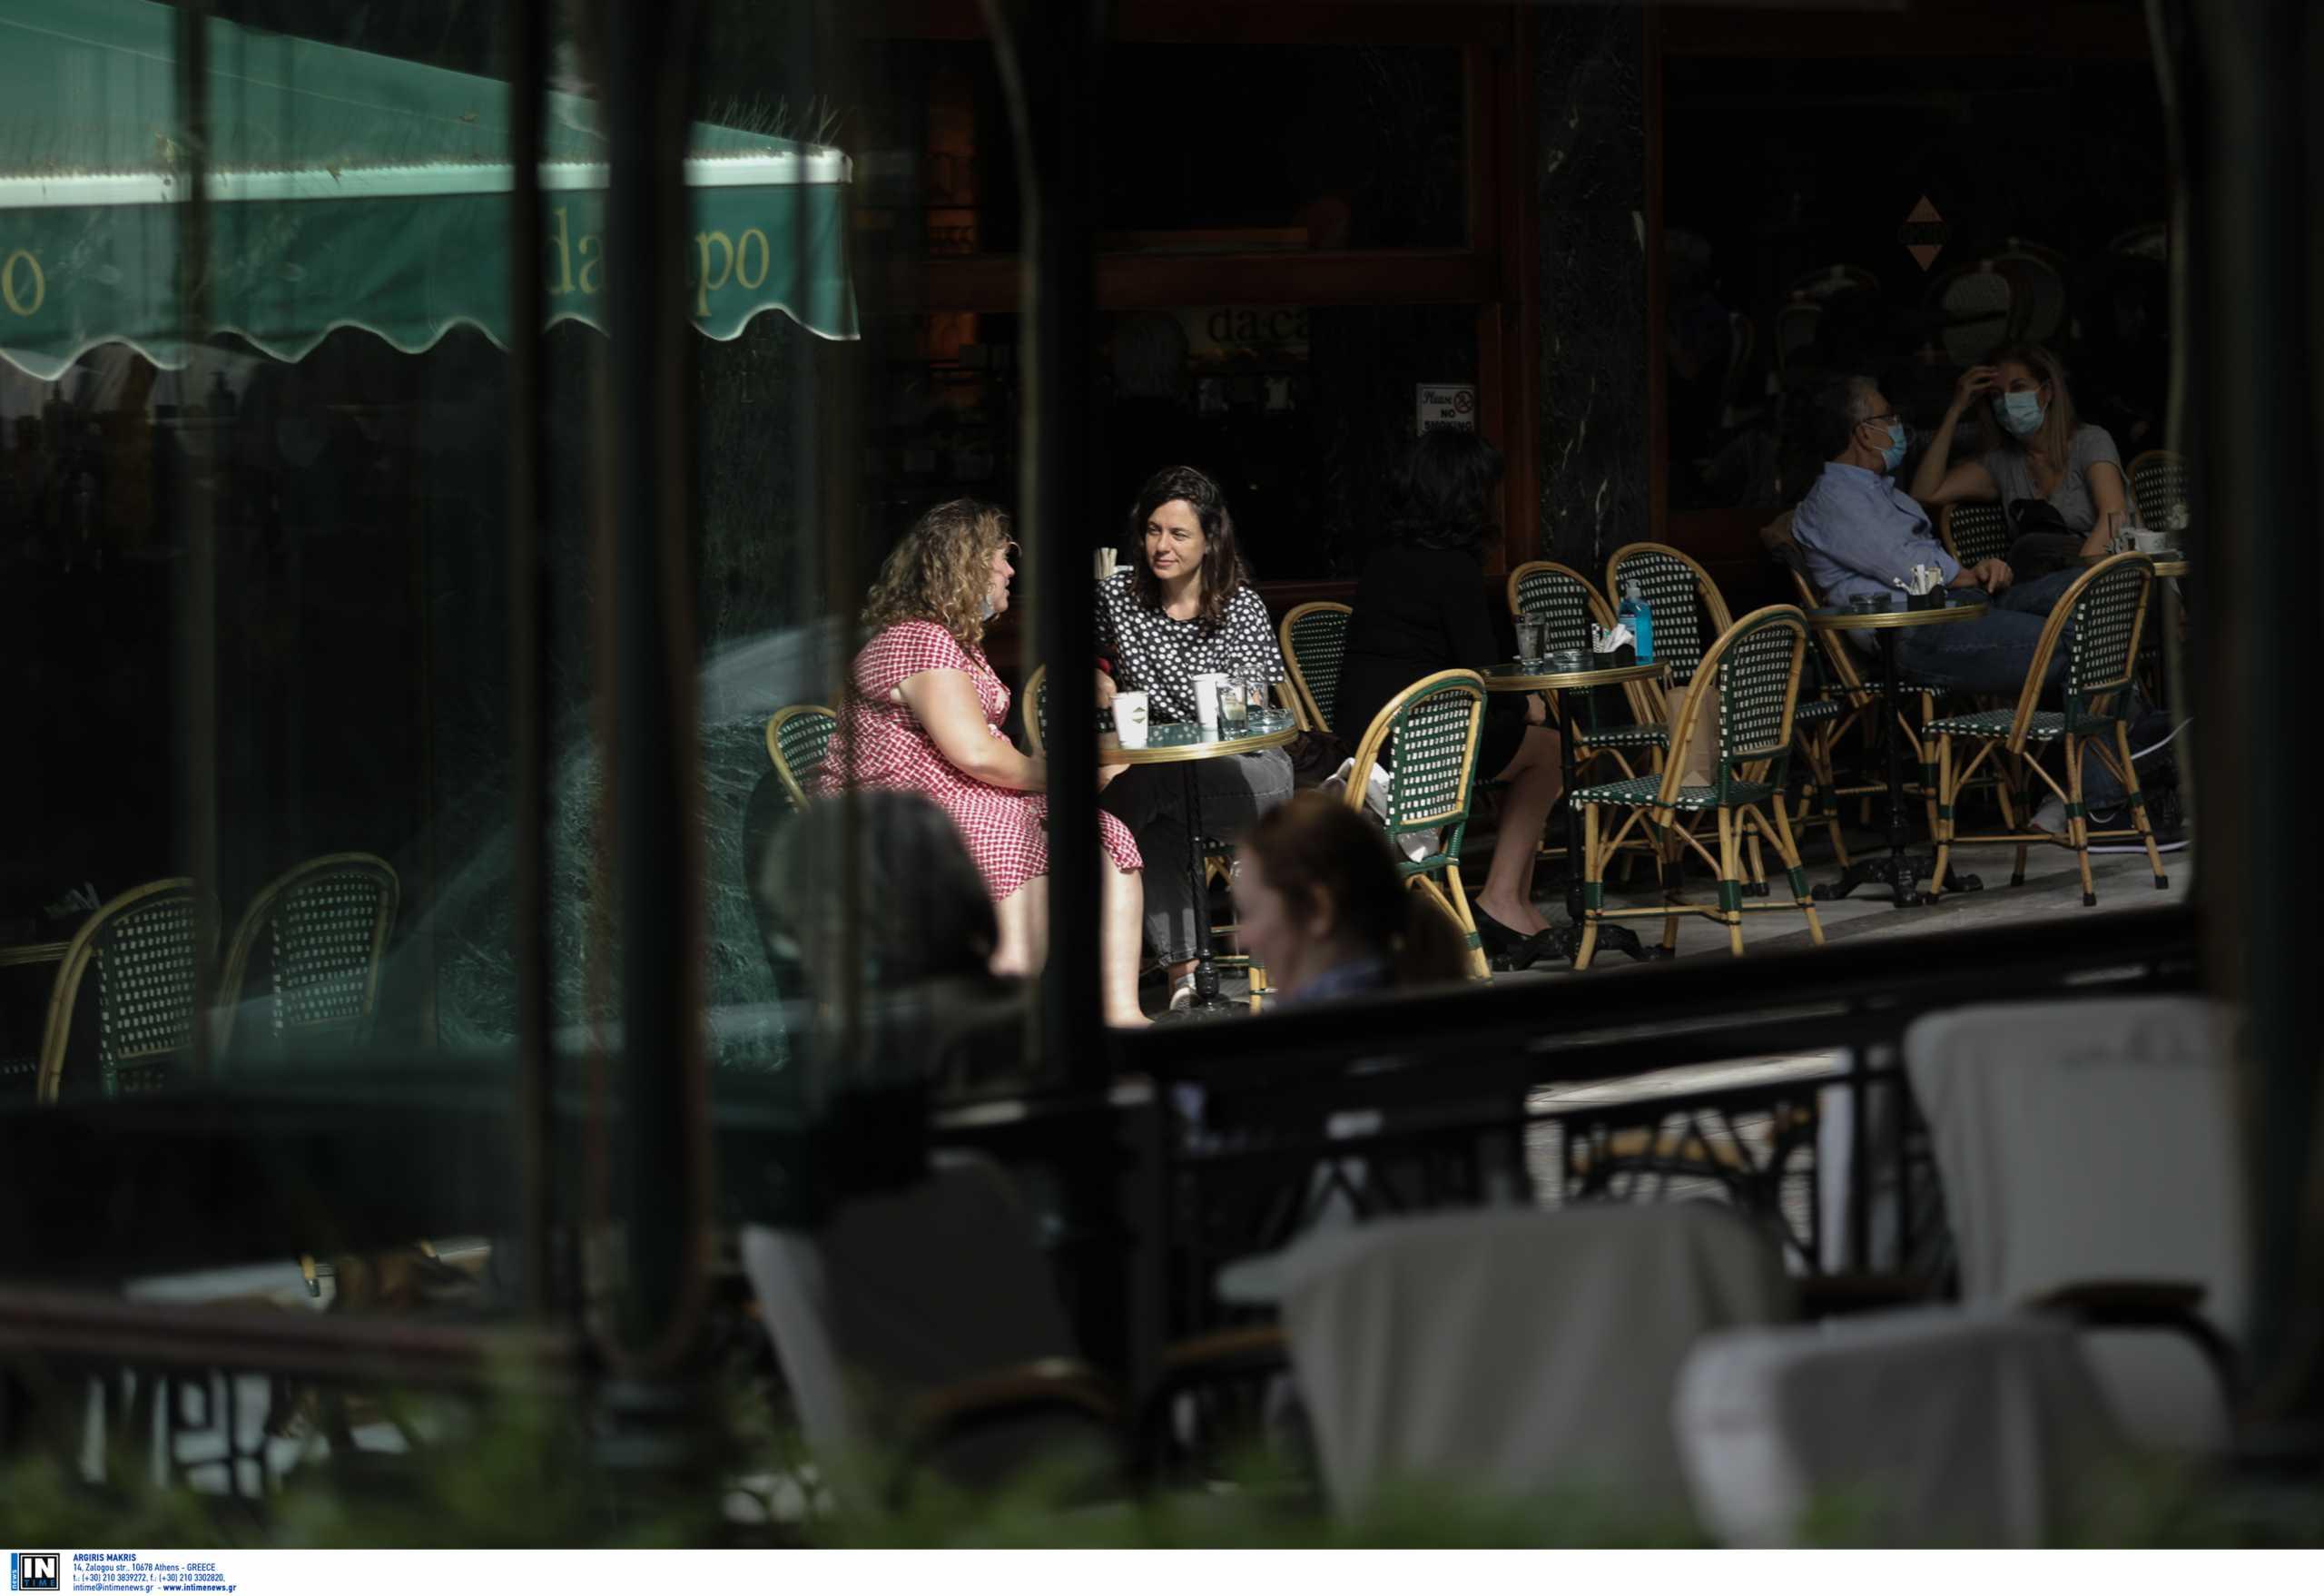 Εστίαση: Πιο αργά σε εστιατόρια, καφέ και ταβέρνες από 15 Μαΐου